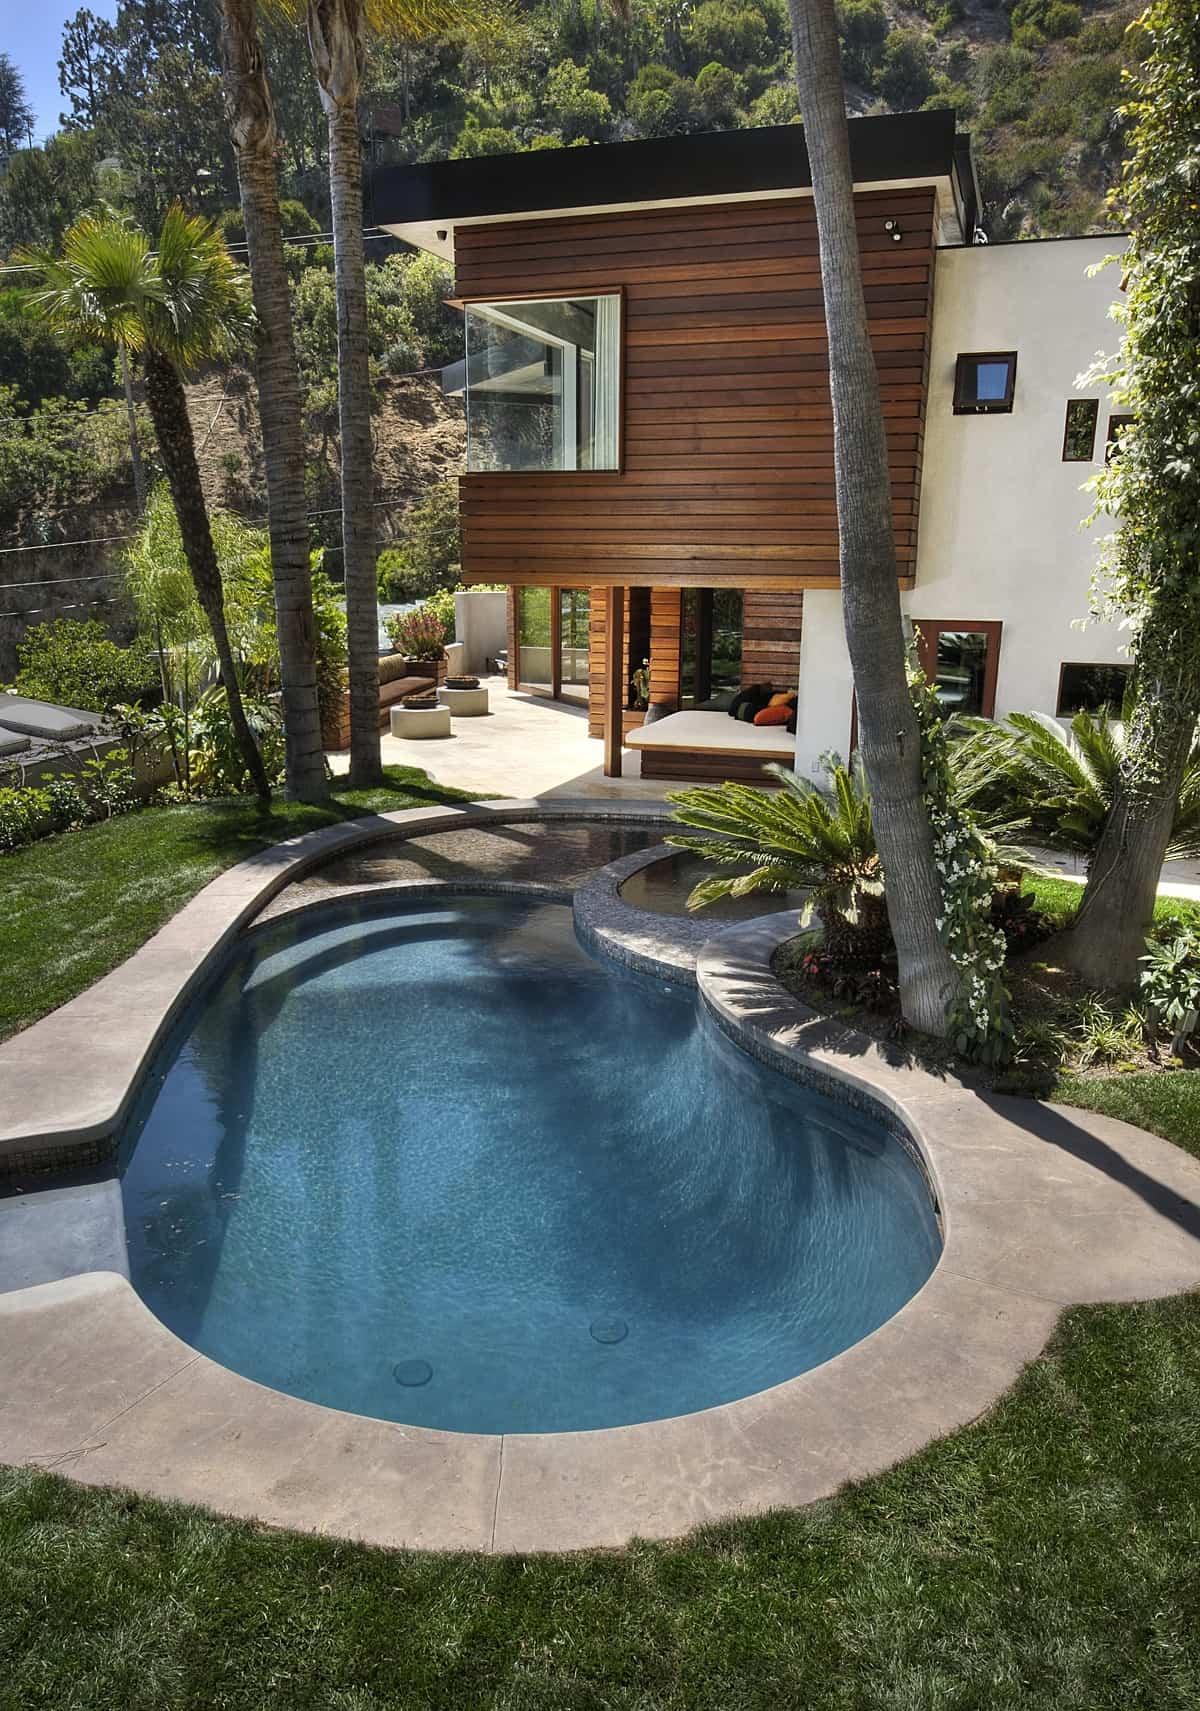 aspectos a tener en cuenta para construir una piscina 10